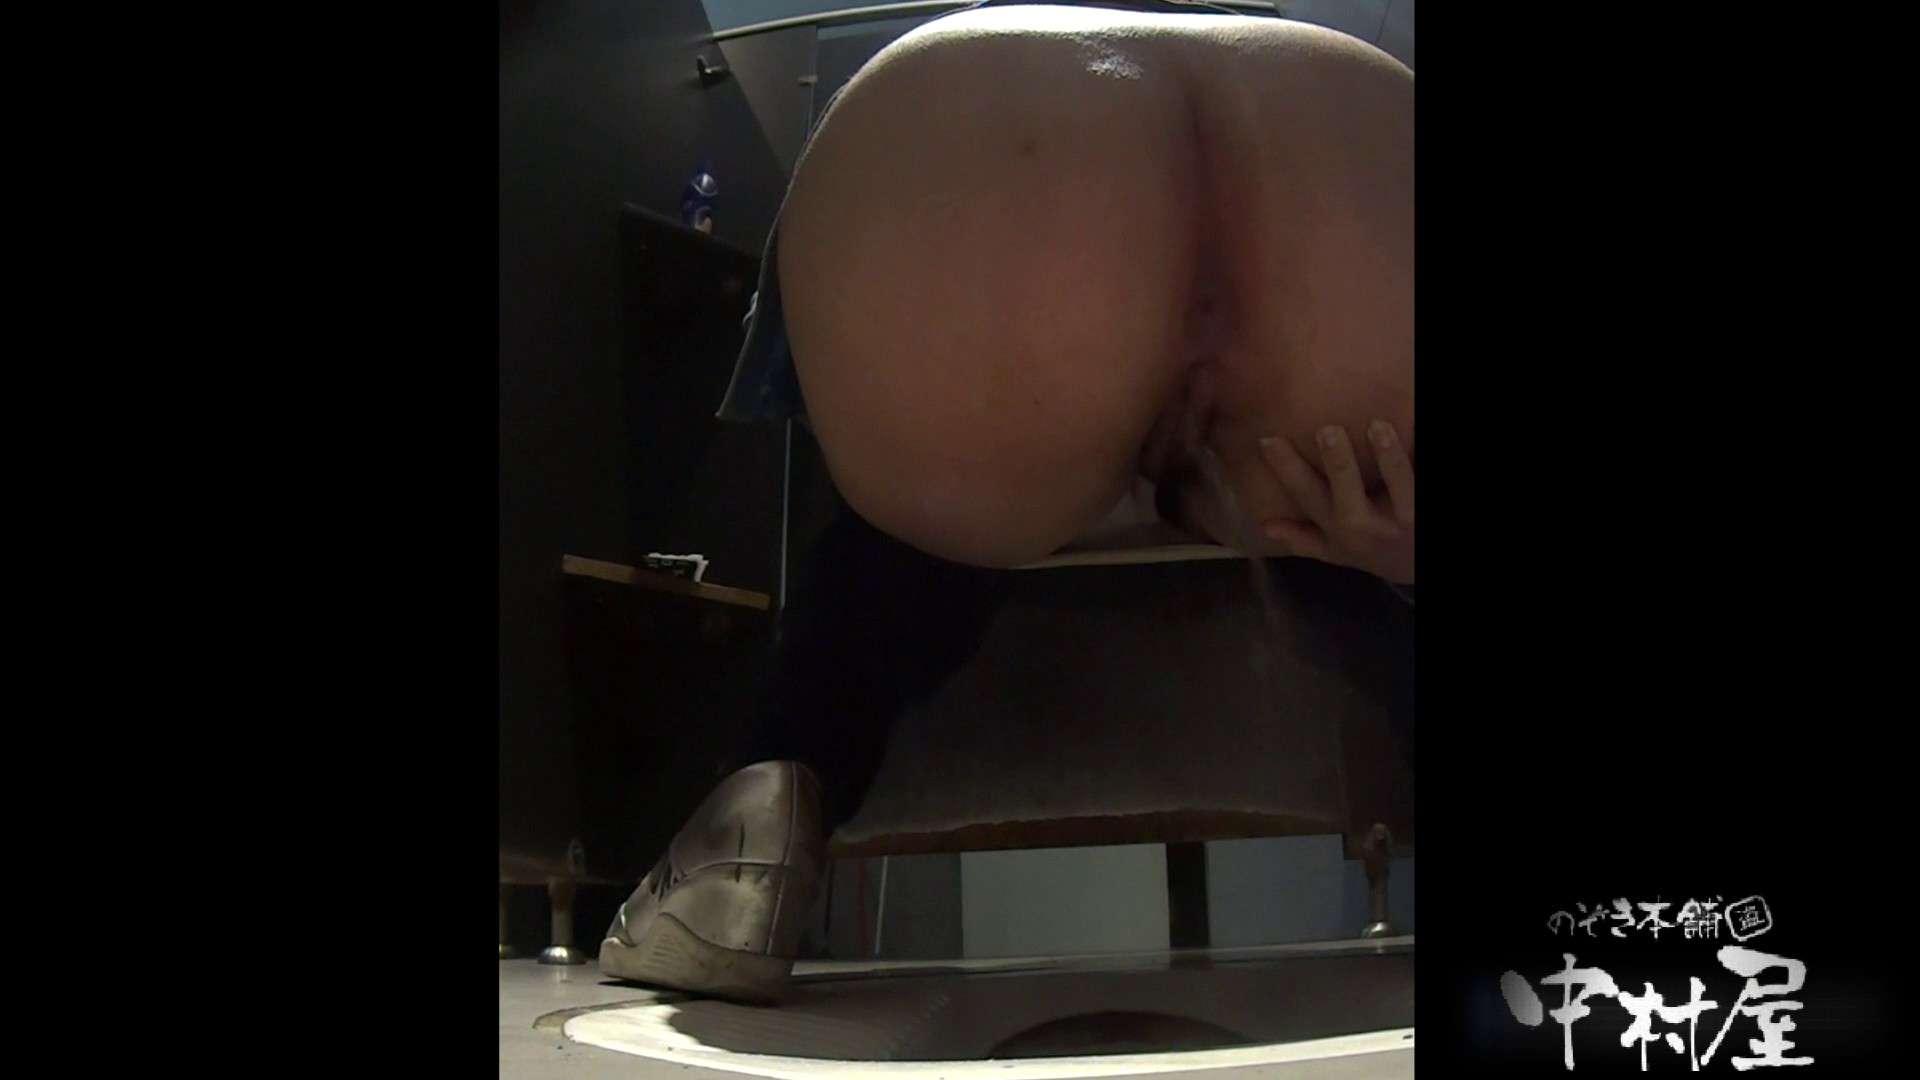 お尻に出来てるオデキがキュート 大学休憩時間の洗面所事情20 美女のカラダ セックス無修正動画無料 12pic 3